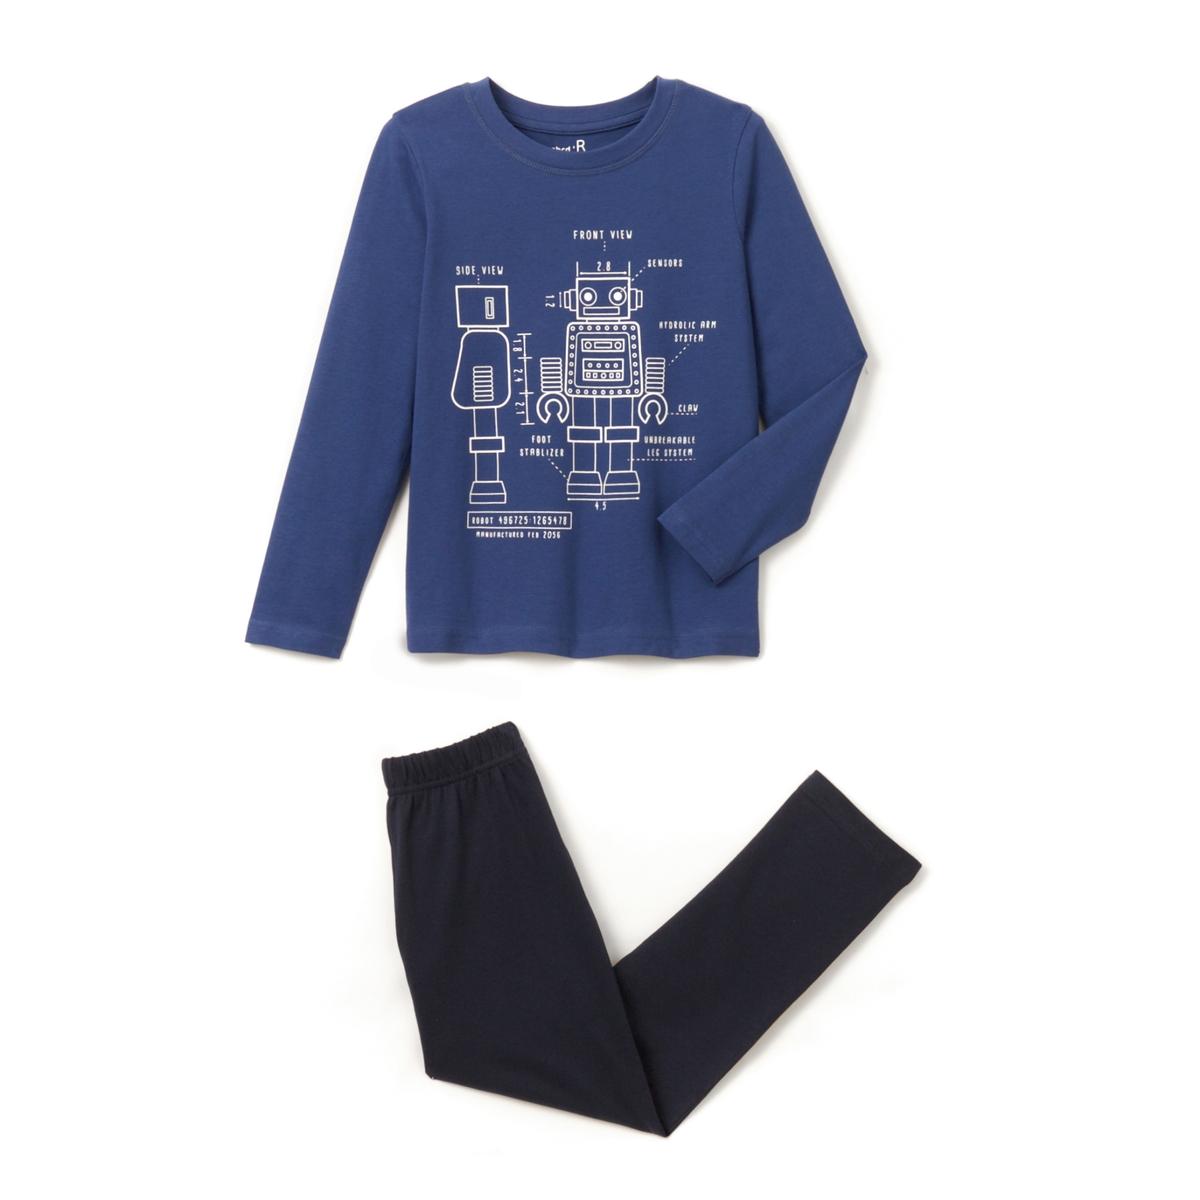 Пижама с рисунком робот из хлопка, 2-12 летПижама: футболка с длинными рукавами и брюки. Футболка с рисунком робот спереди  . Однотонные брюки с эластичным поясом.Состав и описание :   Материал       джерси, 100% хлопок  Уход : Машинная стирка при 30 °C с вещами схожих цветов.  Стирка и глажка с изнаночной стороны.  Машинная сушка в умеренном режиме.  Гладить при умеренной температуре.<br><br>Цвет: синий морской<br>Размер: 4 года - 102 см.3 года - 94 см